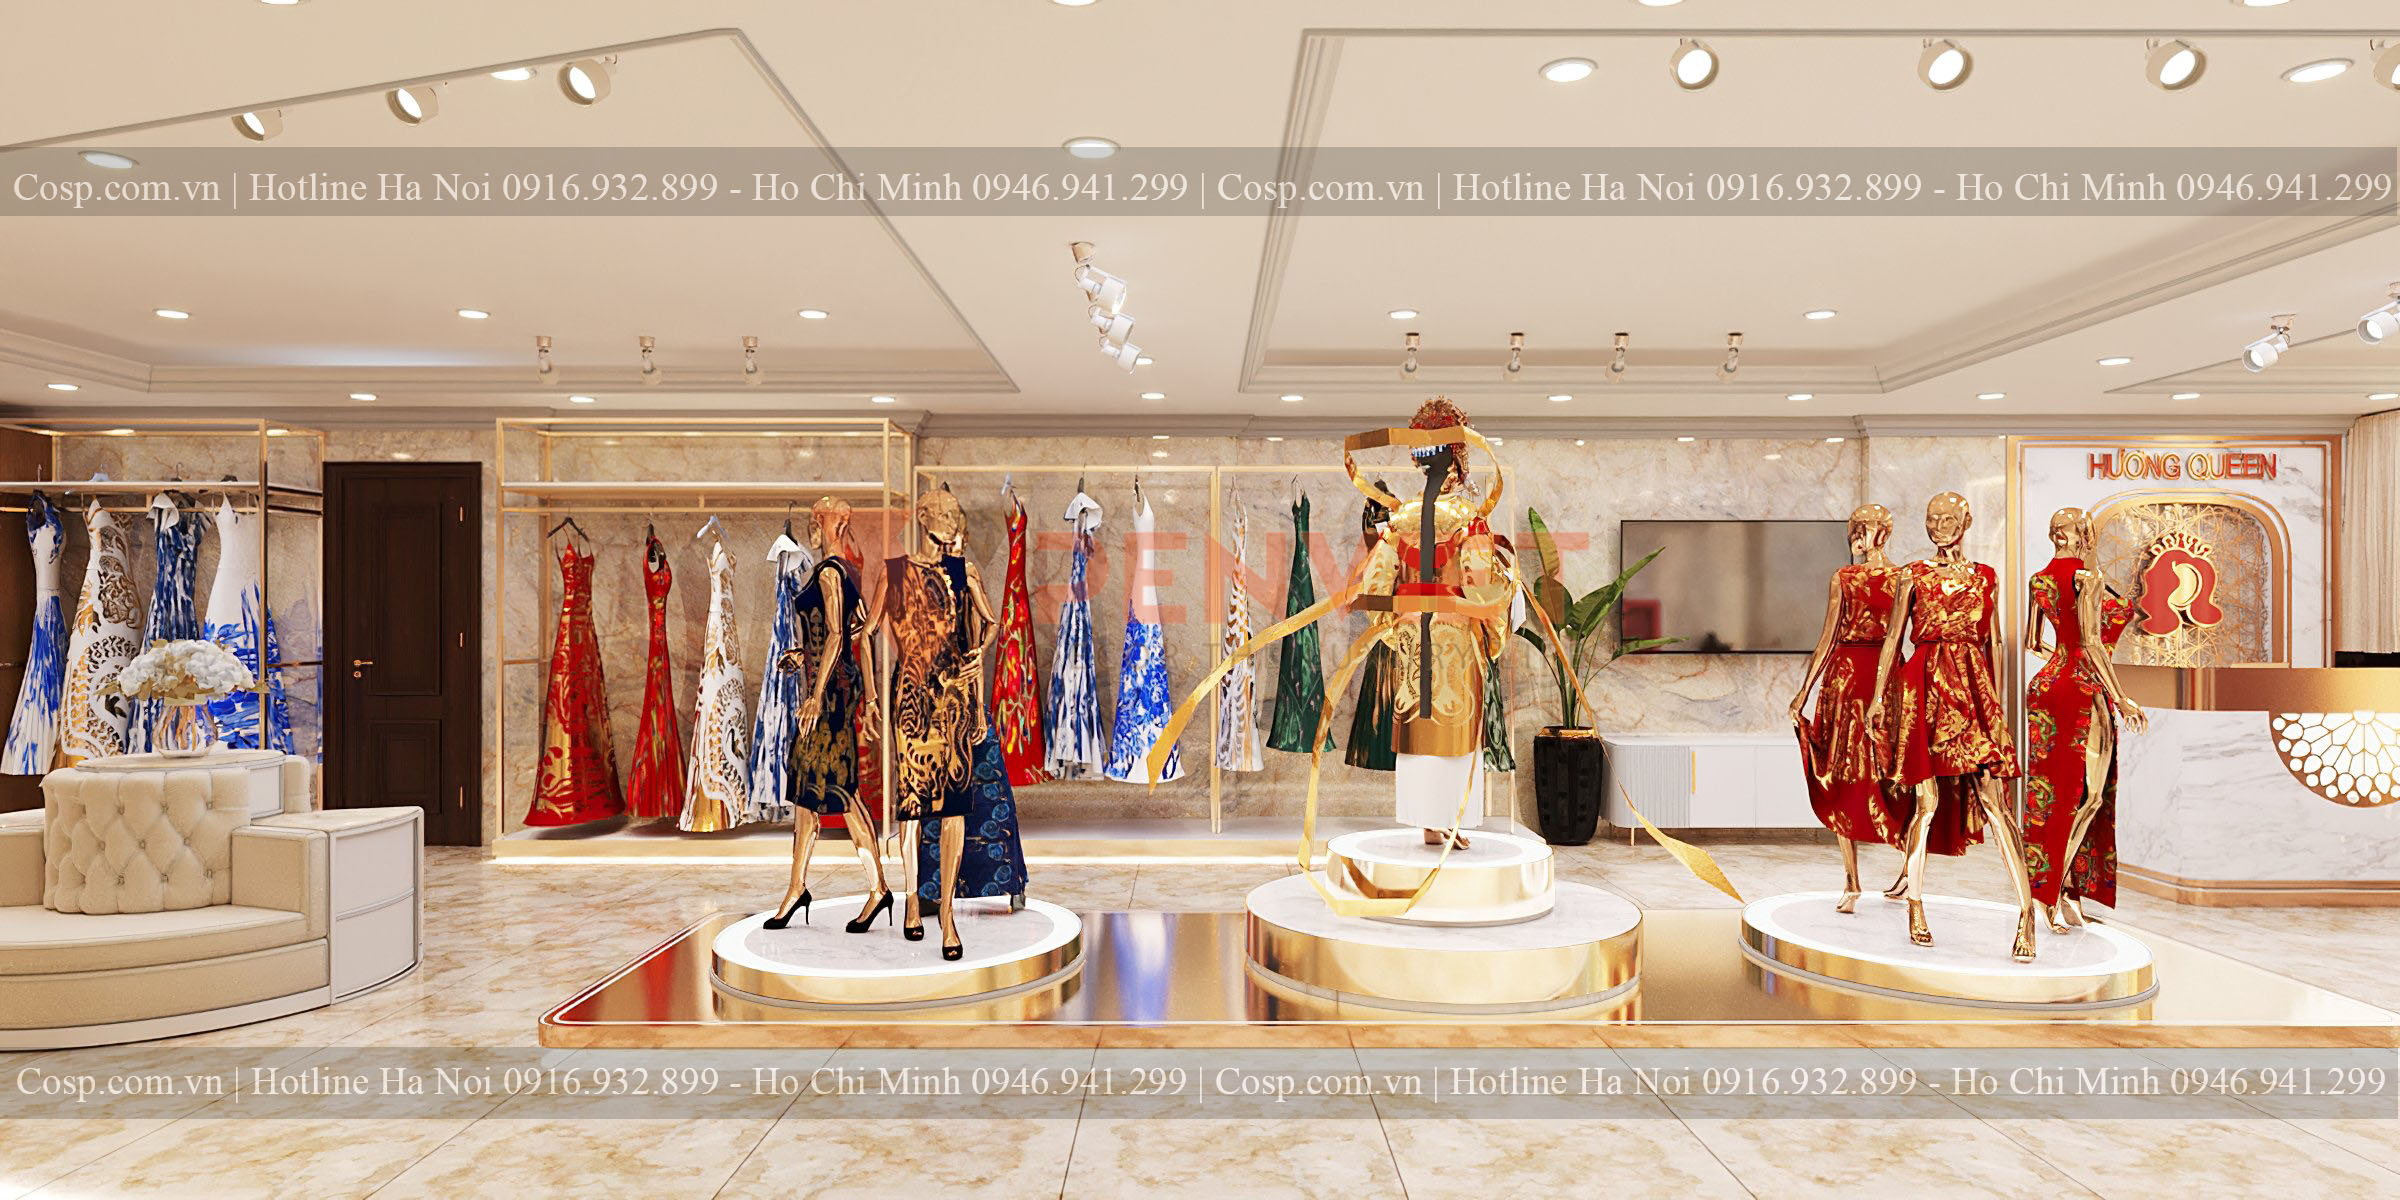 Hình ảnh 3D khu vực trưng bày sản phẩm áo dài của shop Hương Queen